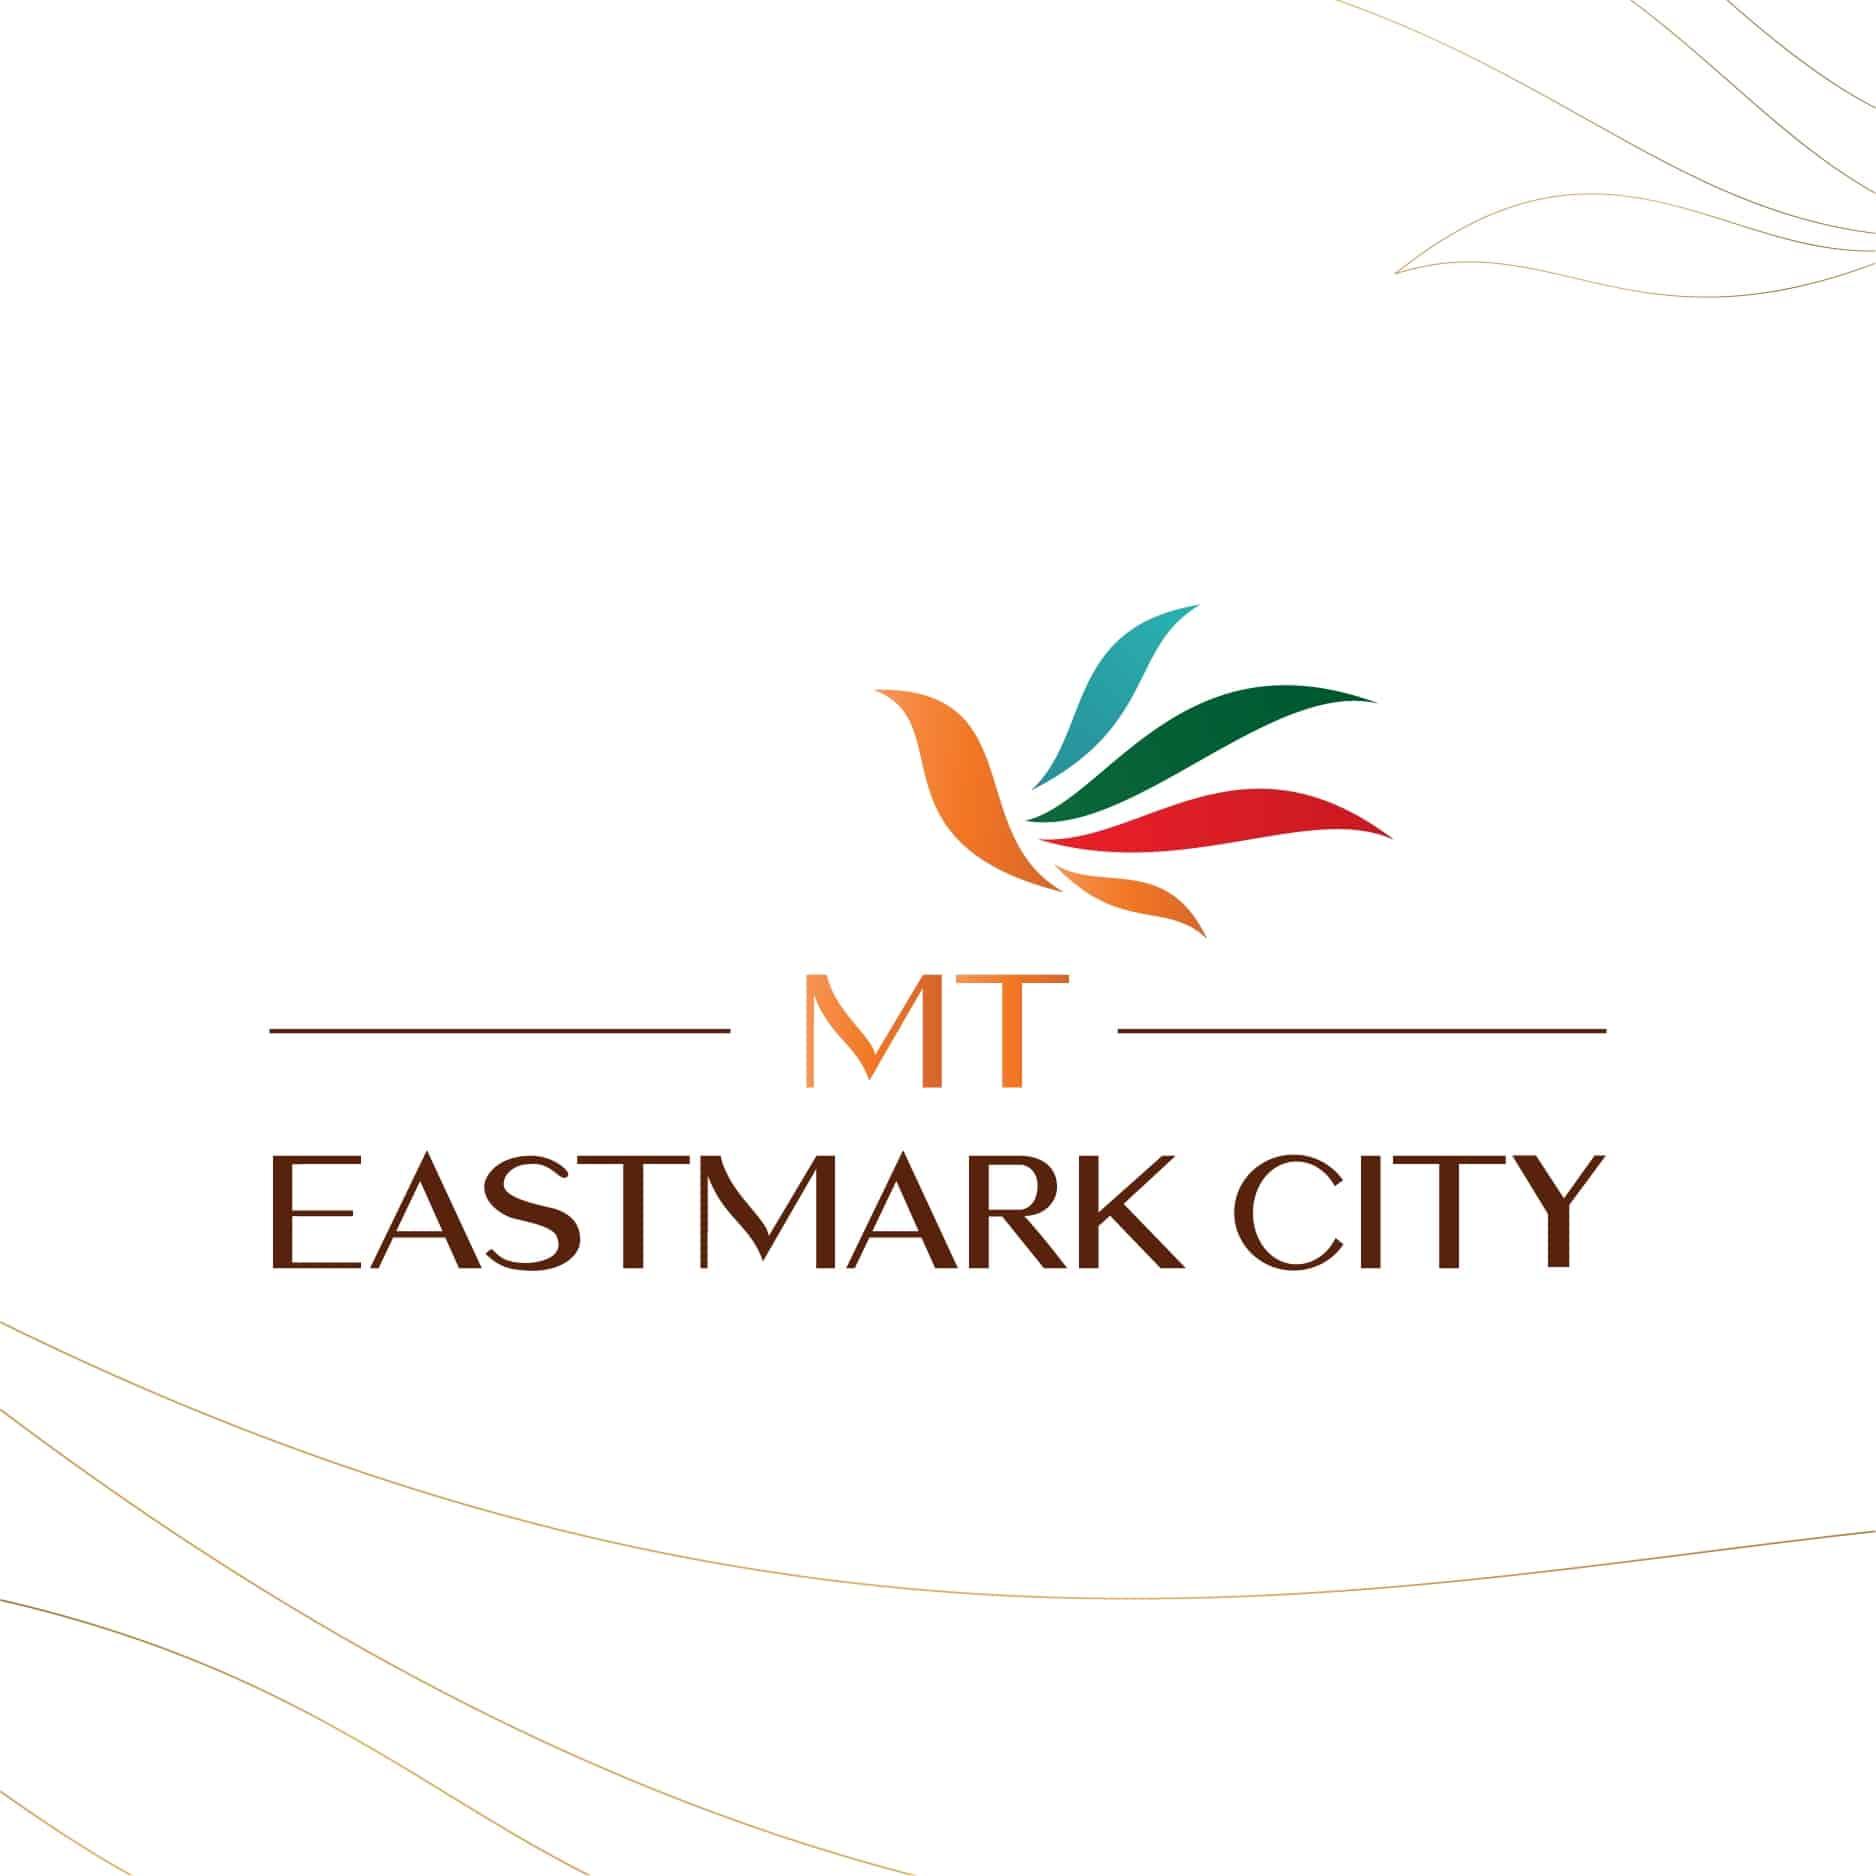 Tìm hiểu về dự án Căn hộ MT EastMark City Thủ Đức mới nhất hiện nay